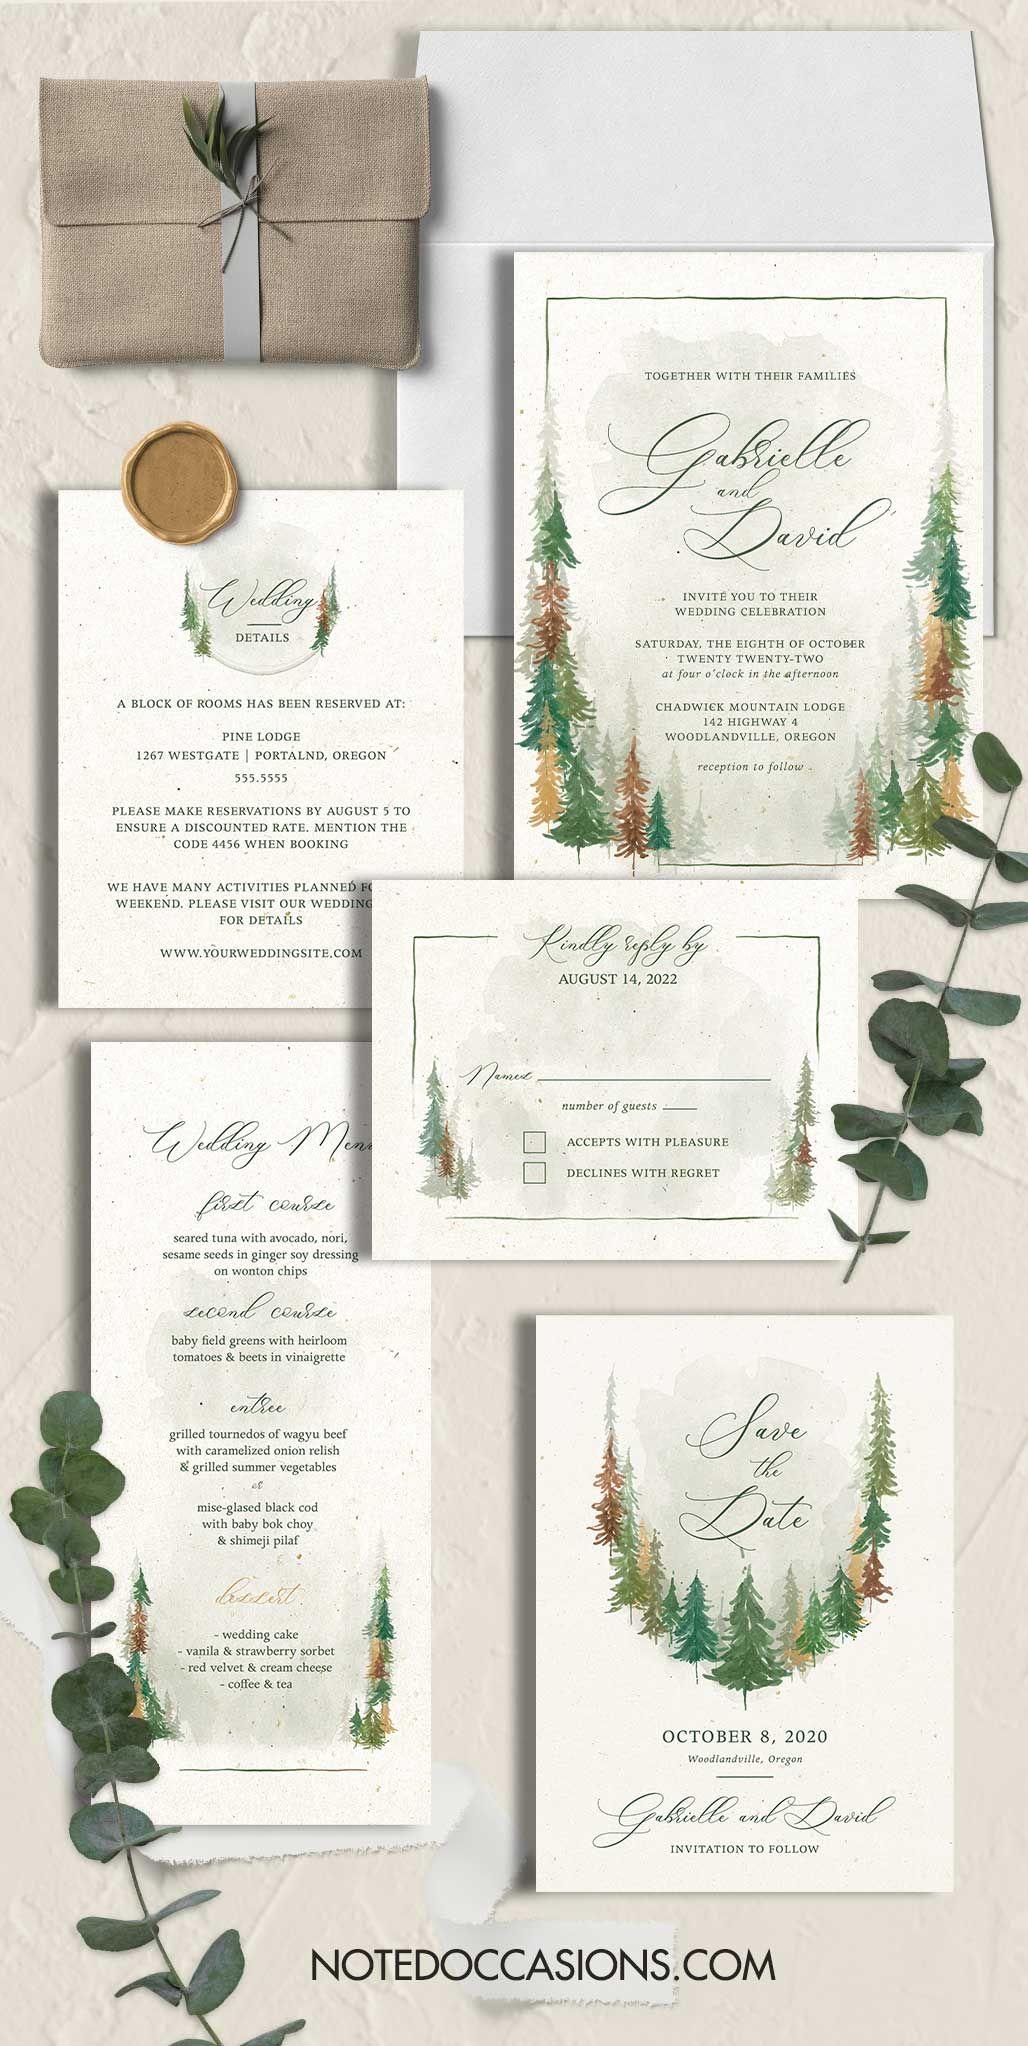 Woodland Wedding Invitations For Fall Weddings Woodland Wedding Invitations Forest Wedding Invitations Outdoor Wedding Invitations